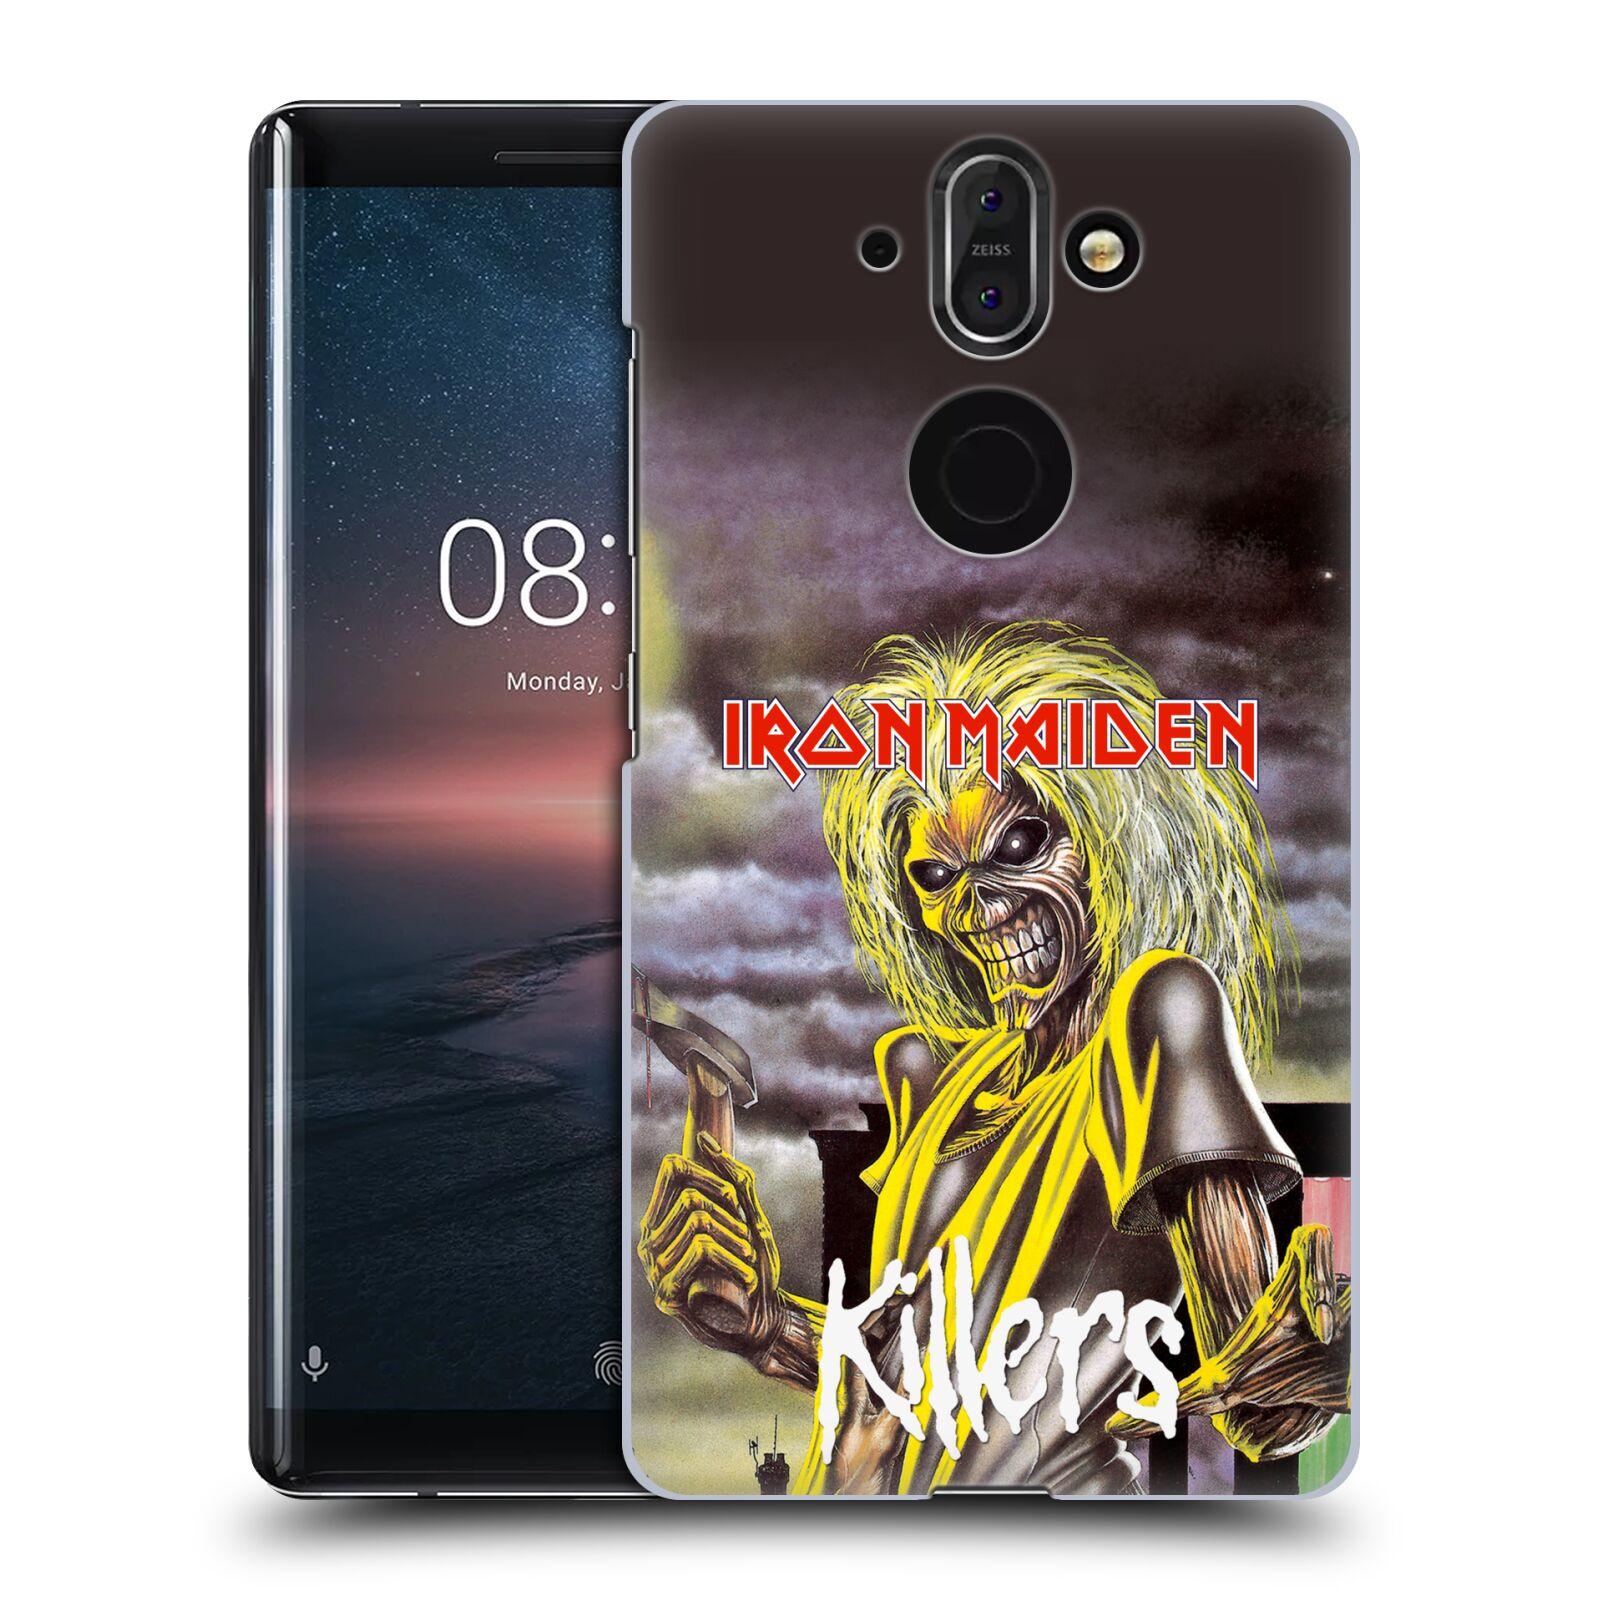 Plastové pouzdro na mobil Nokia 8 Sirocco - Head Case - Iron Maiden - Killers